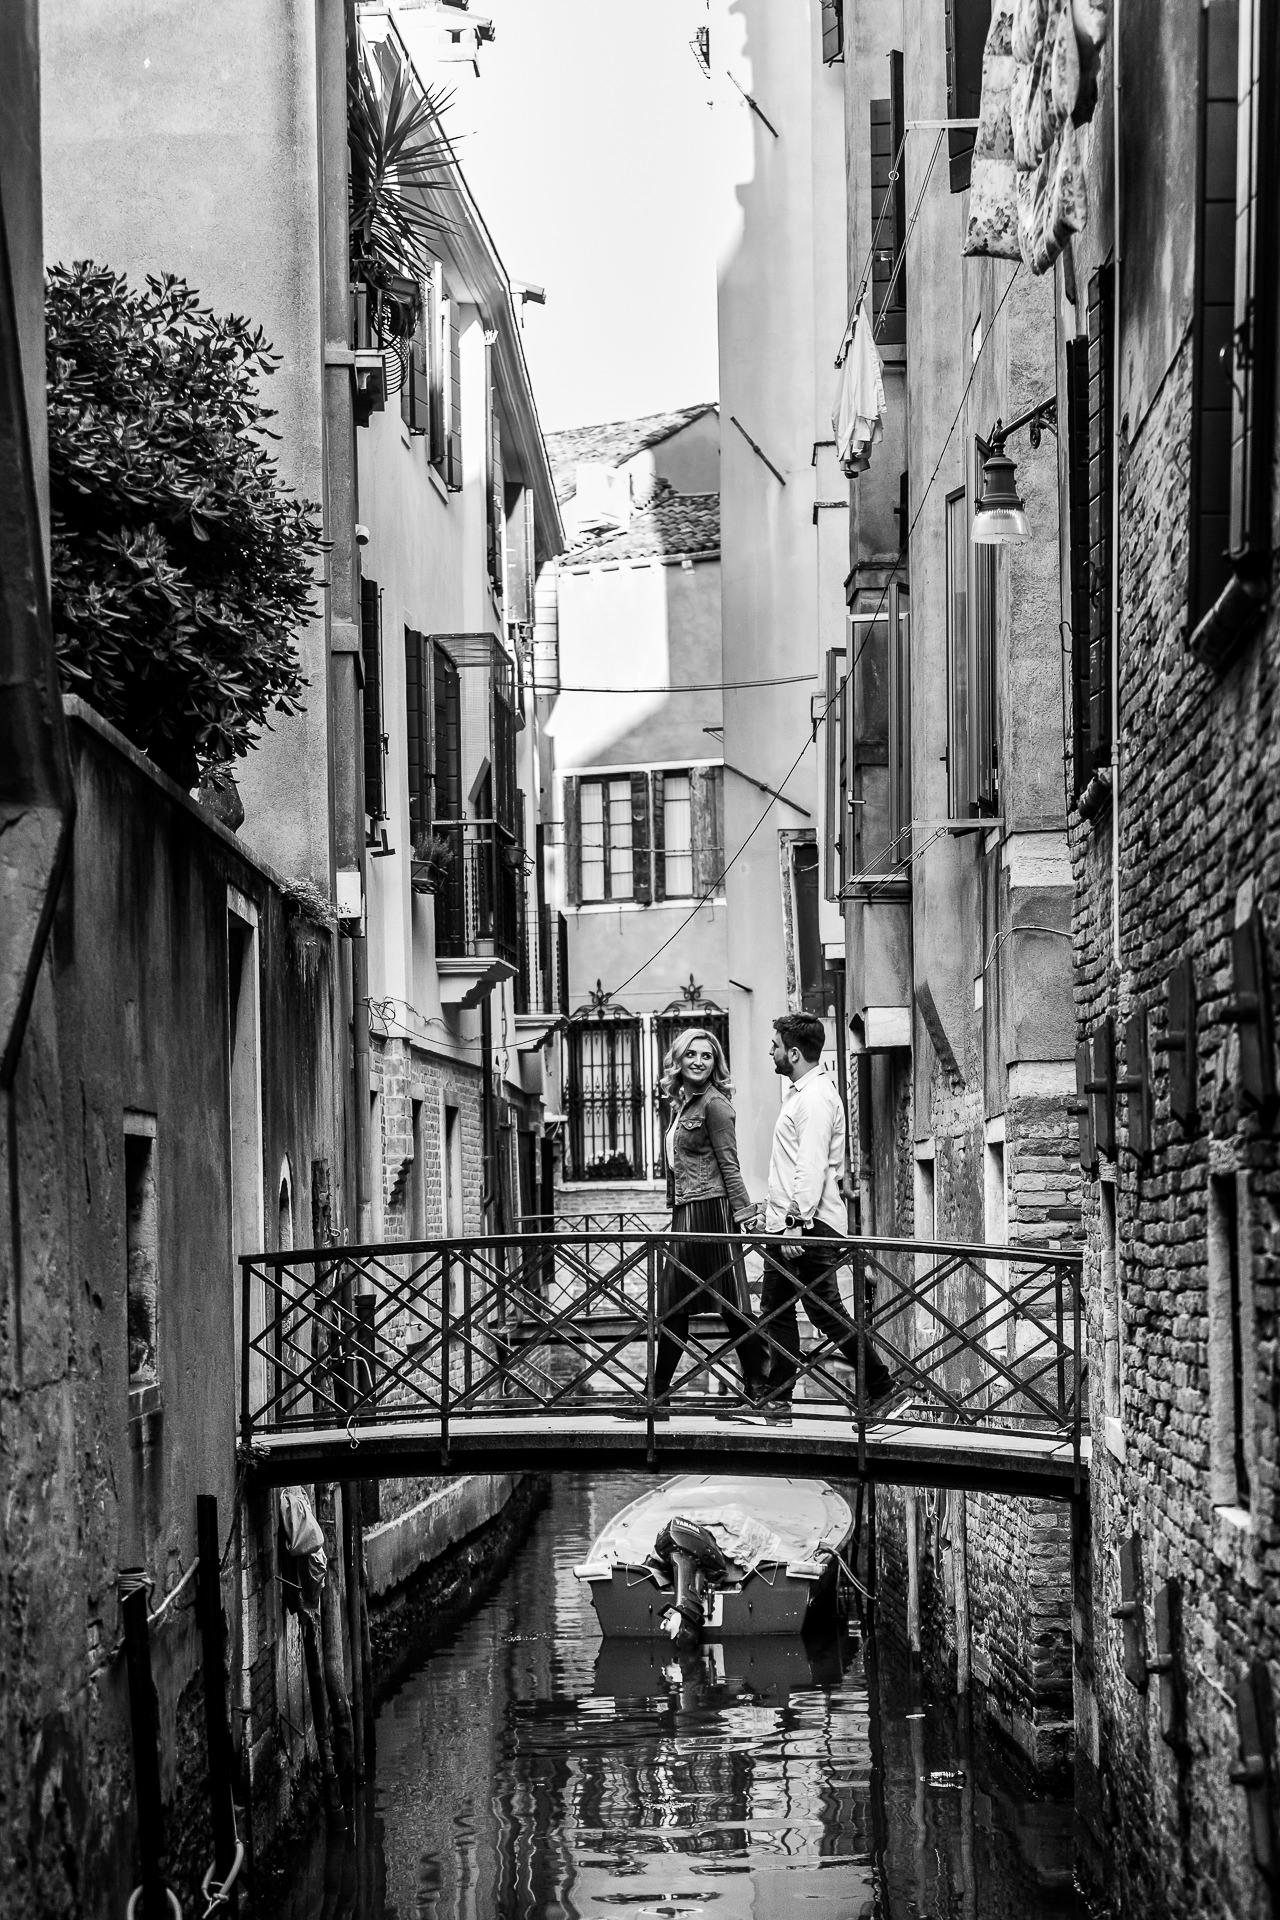 Sedinta foto de cuplu in Venetia - Raluca si Costin - Mihai Zaharia Photography - 16